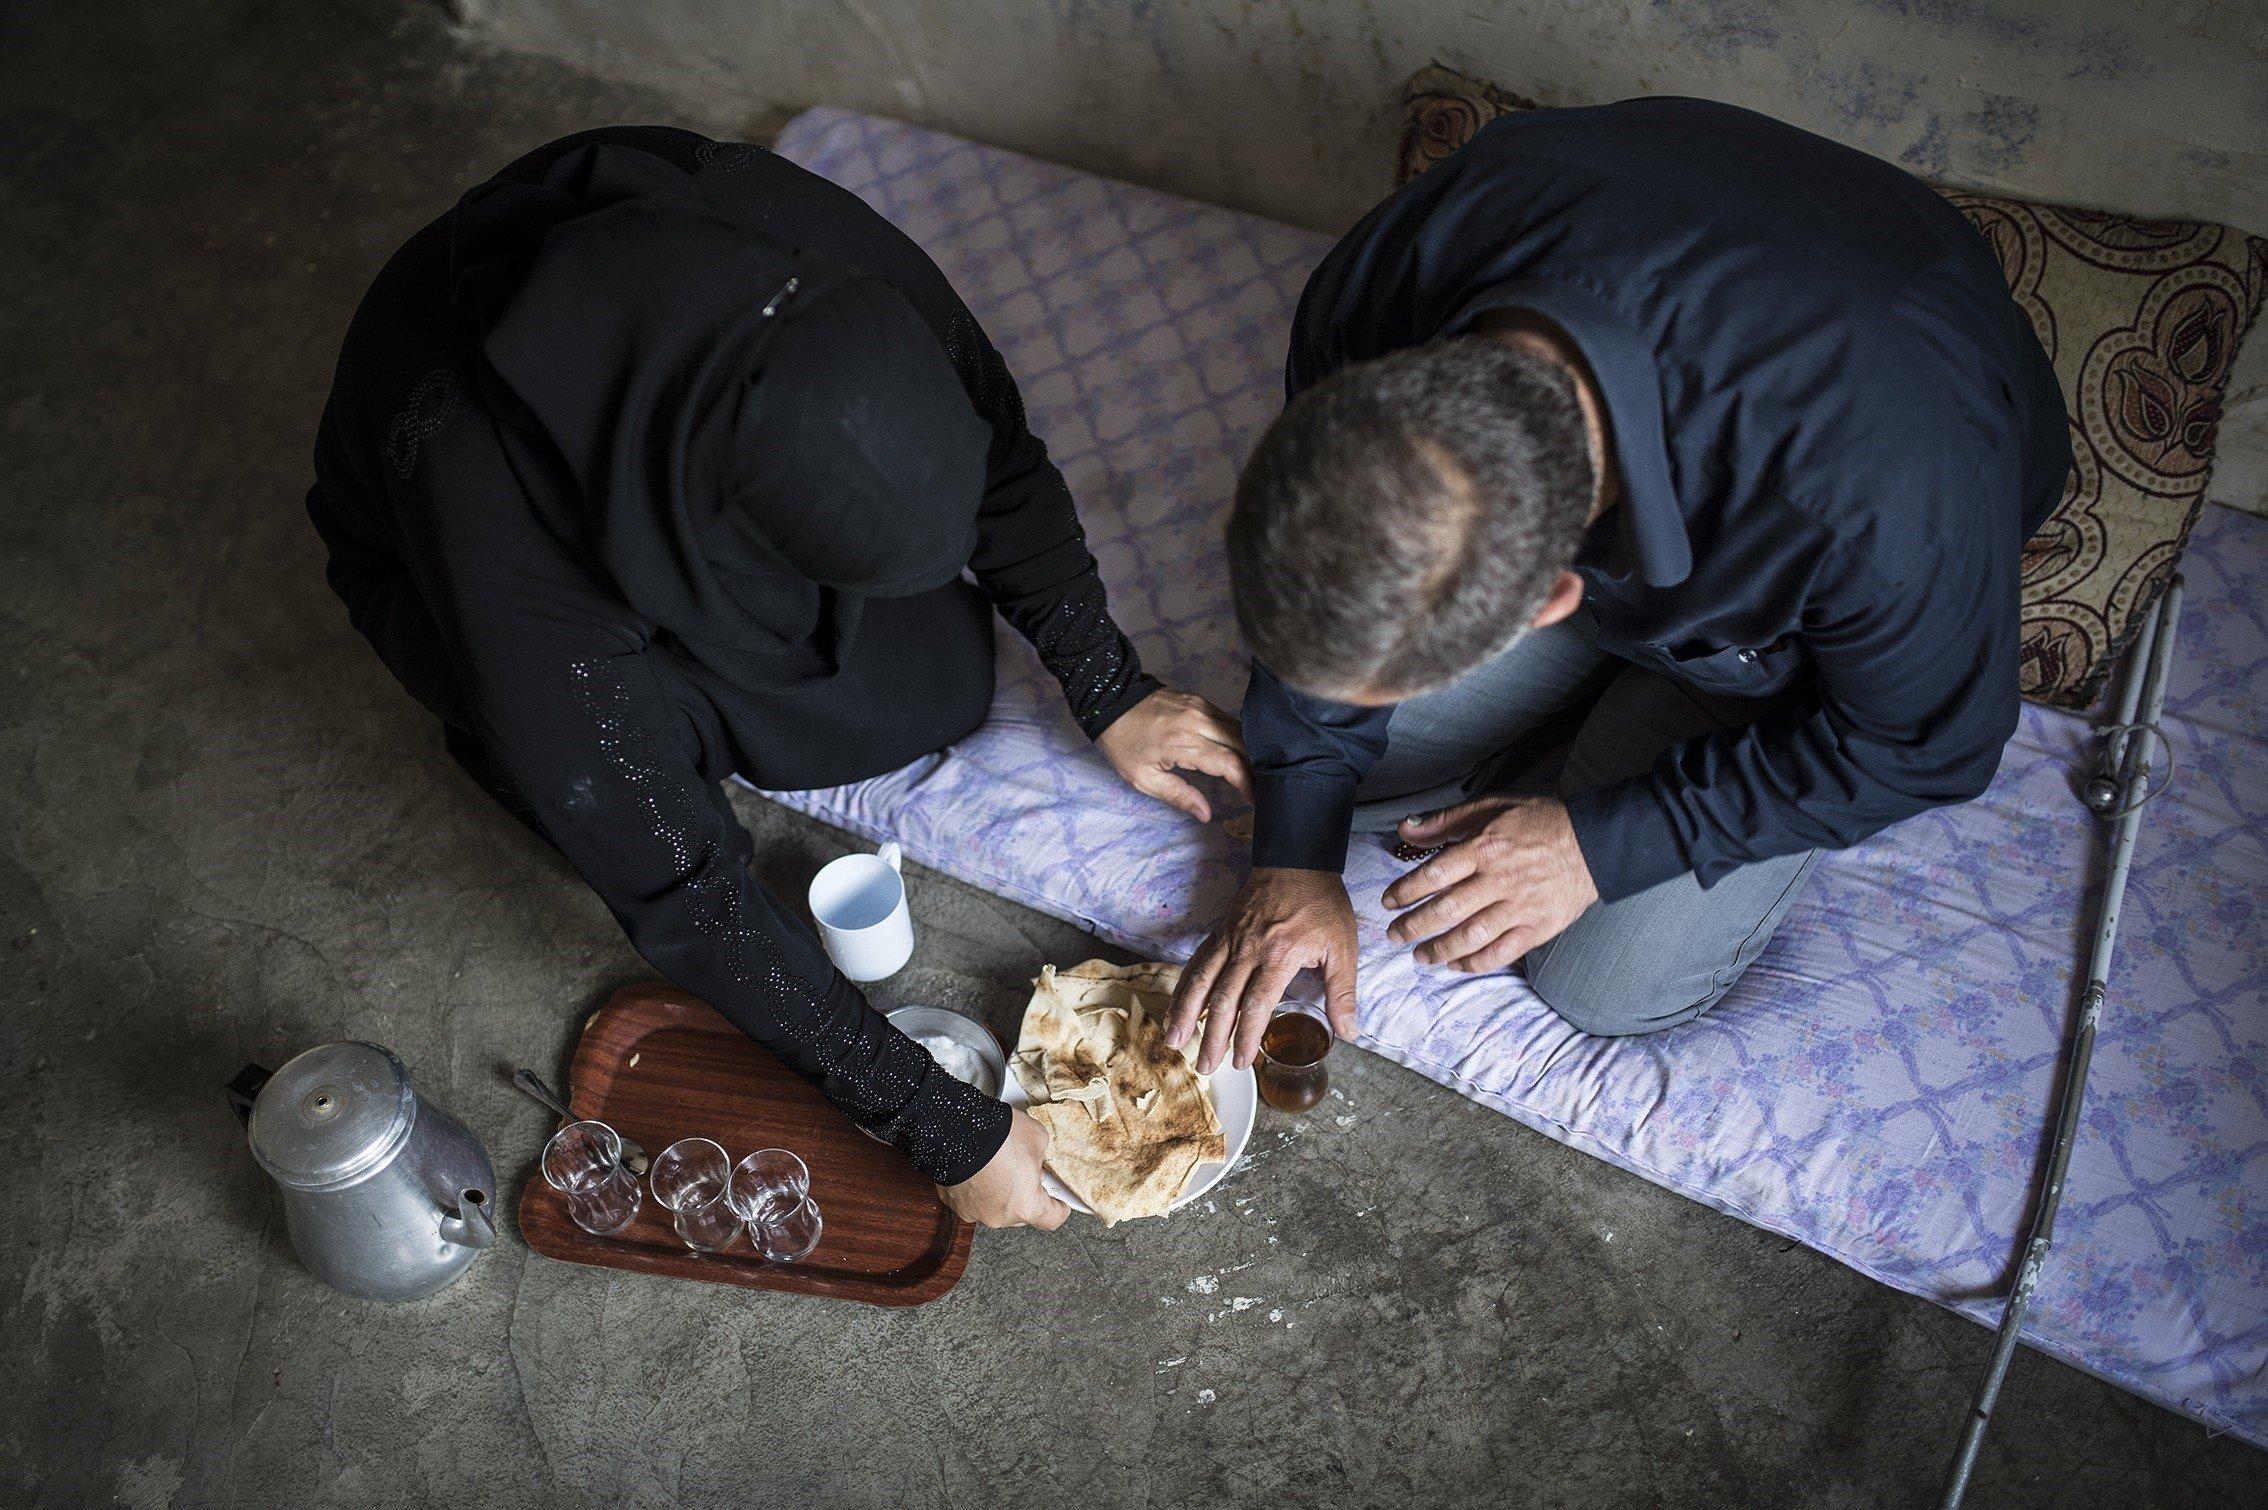 Visually-impaired Syrian refugee's struggle